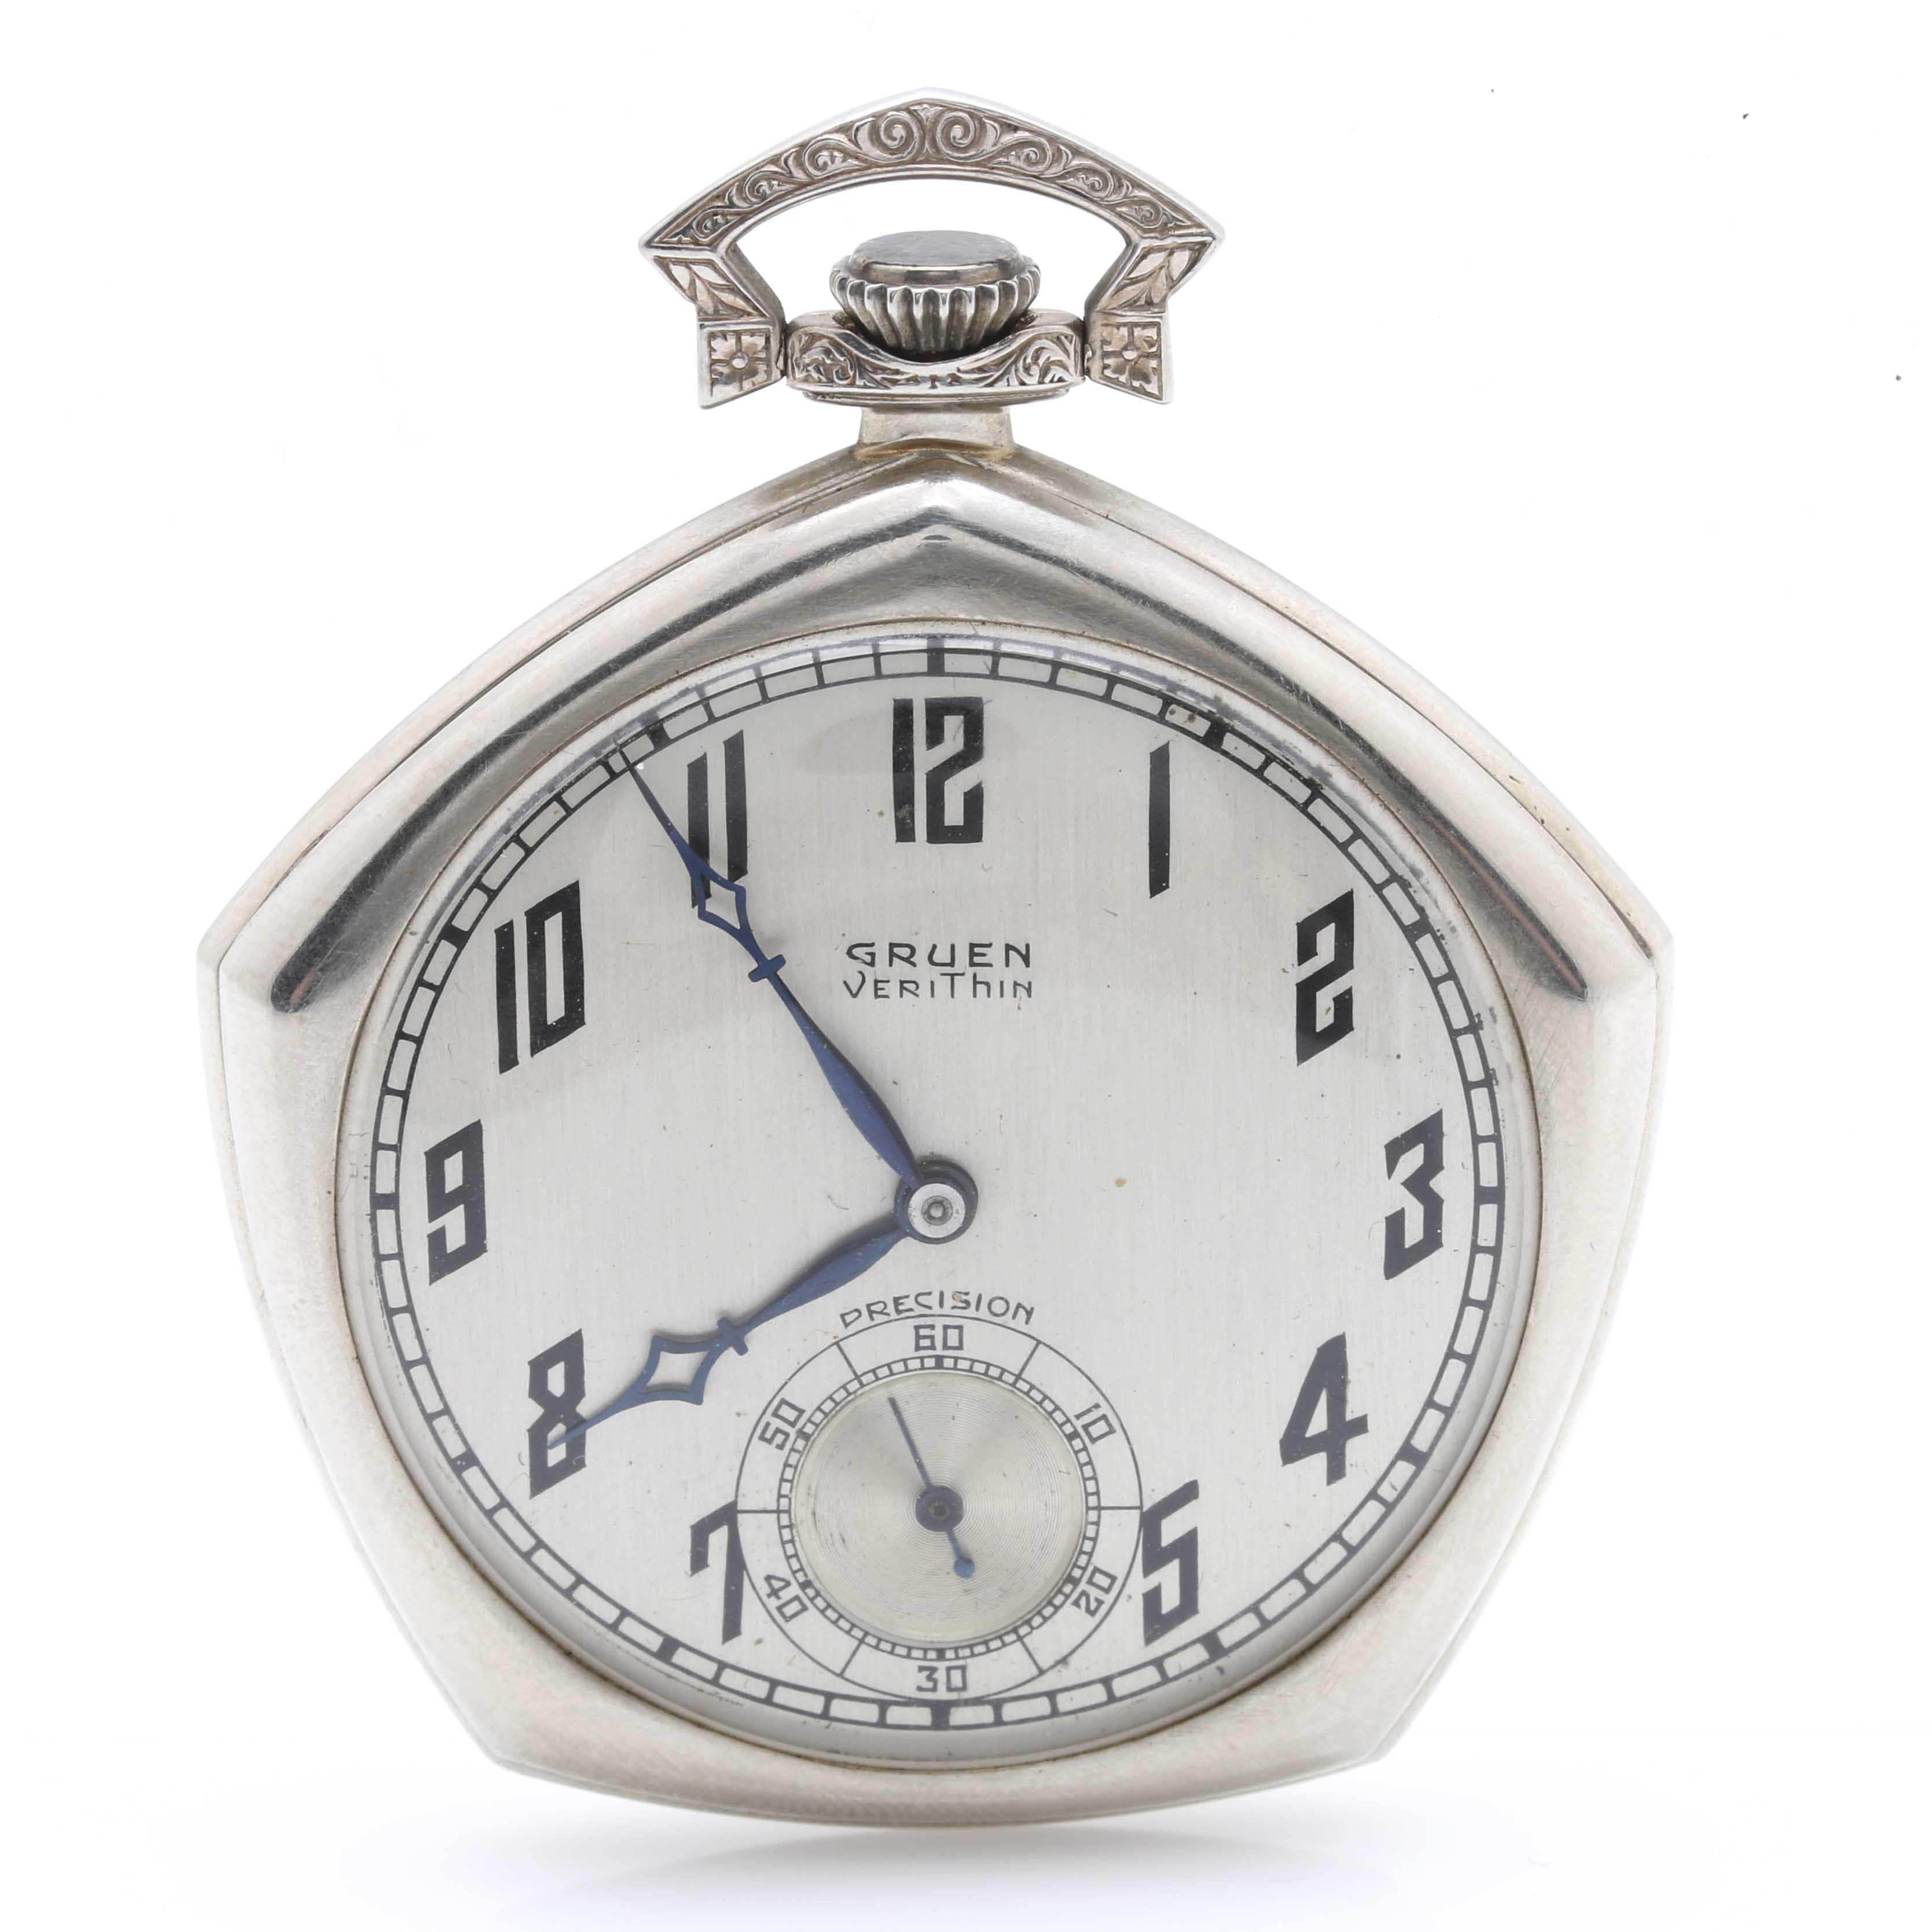 14K White Gold Gruen VeriThin Precision Pocket Watch